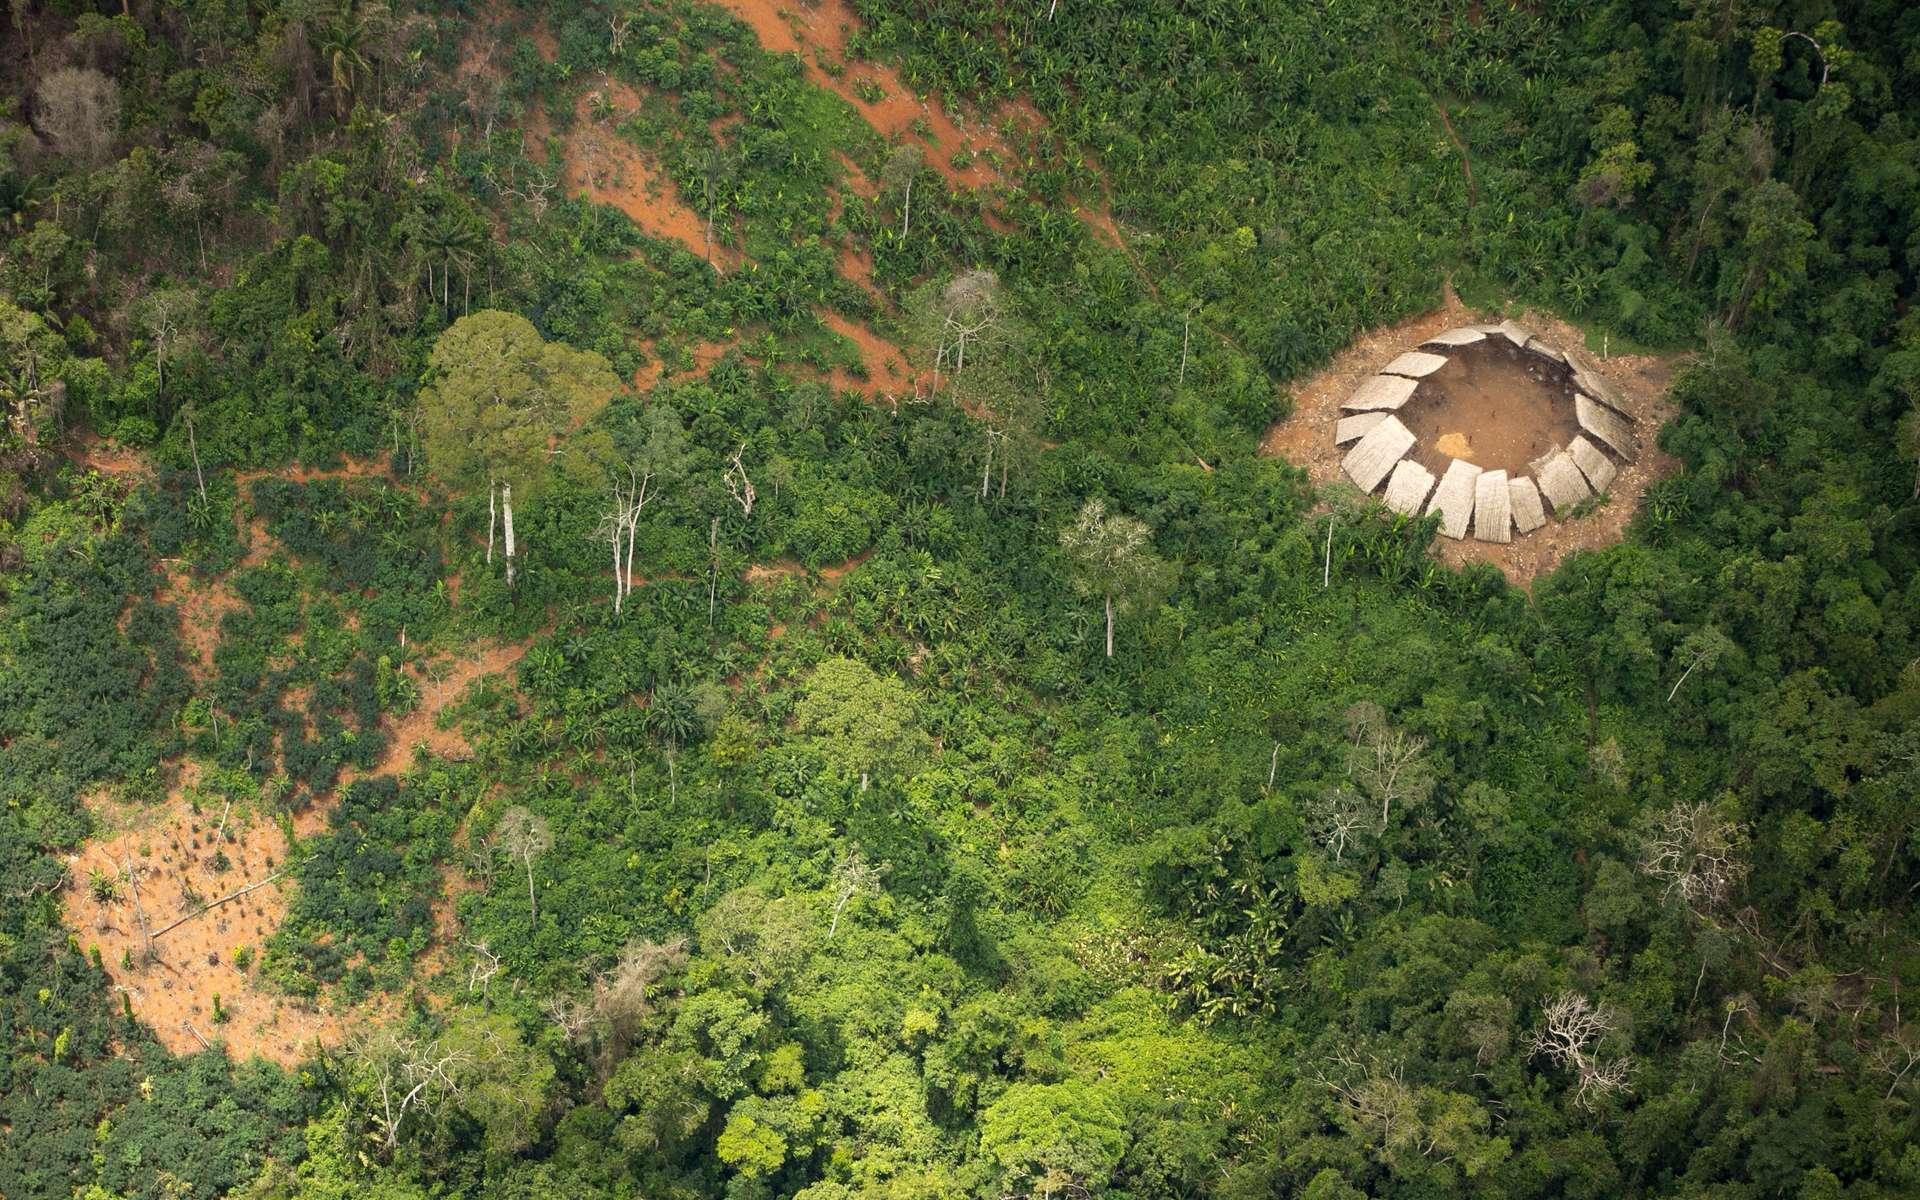 Vue aérienne de la structure circulaire où vivent les Moxihatetema, dans la réserve Yanomami au nord du Brésil. © Guilherme Gnipper Trevisan, Hutukara, Survival